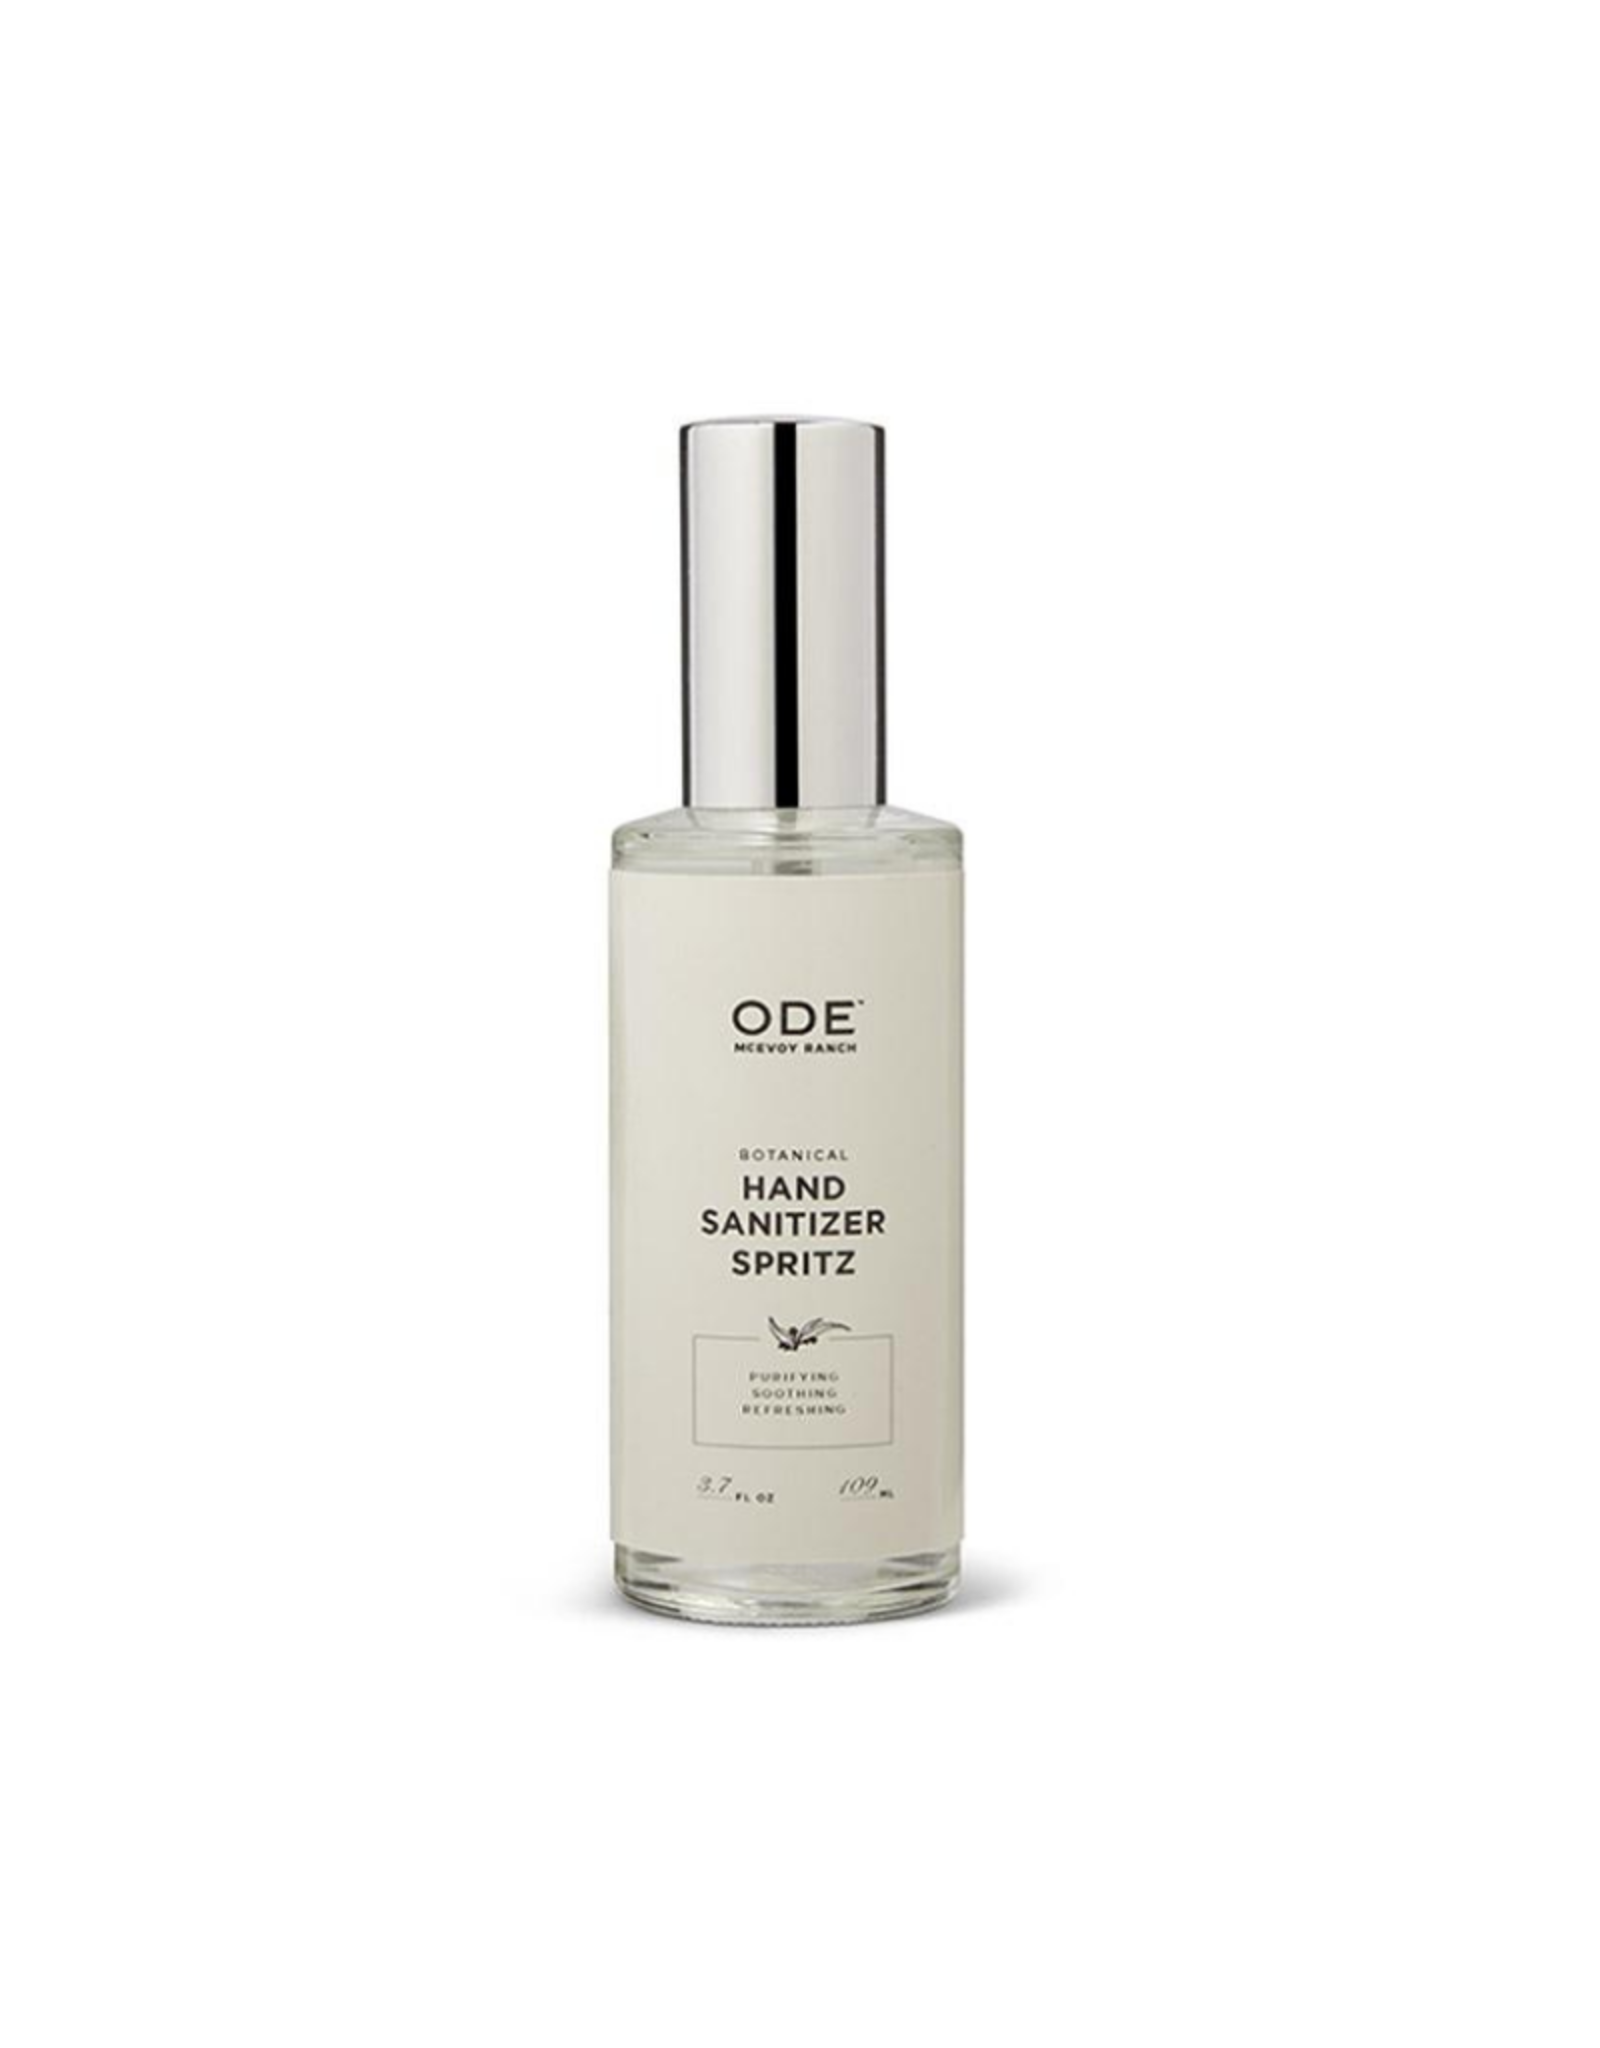 ODE ODE Botanical Hand Sanitizer Spritz 3.7 oz